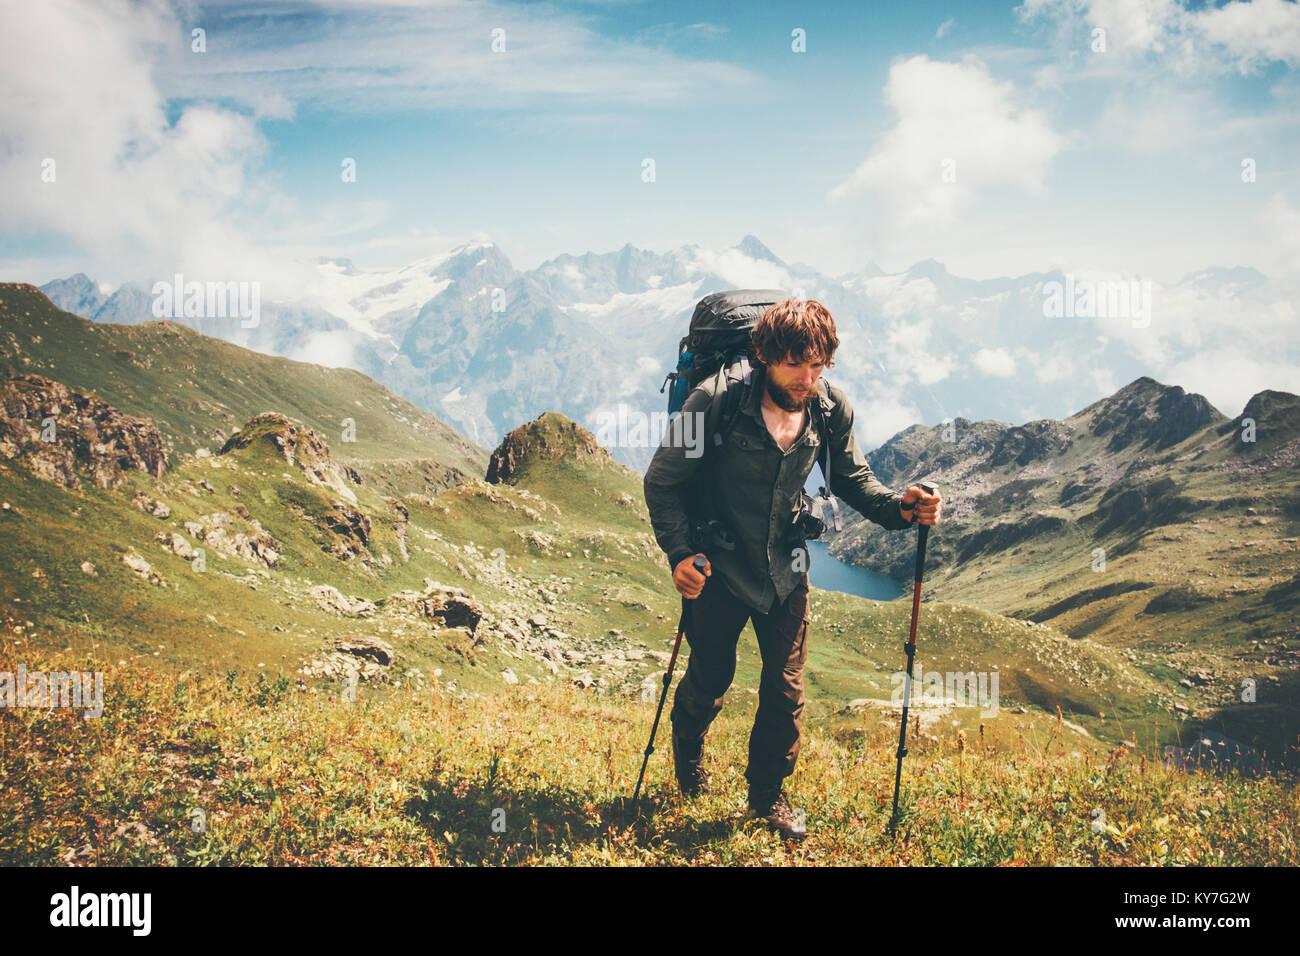 Man Bergsteigen mit Rucksack Reisen Lifestyle Konzept Abenteuer Sommer Ferien im Freien Bergen auf Hintergrund Bereich Stockbild